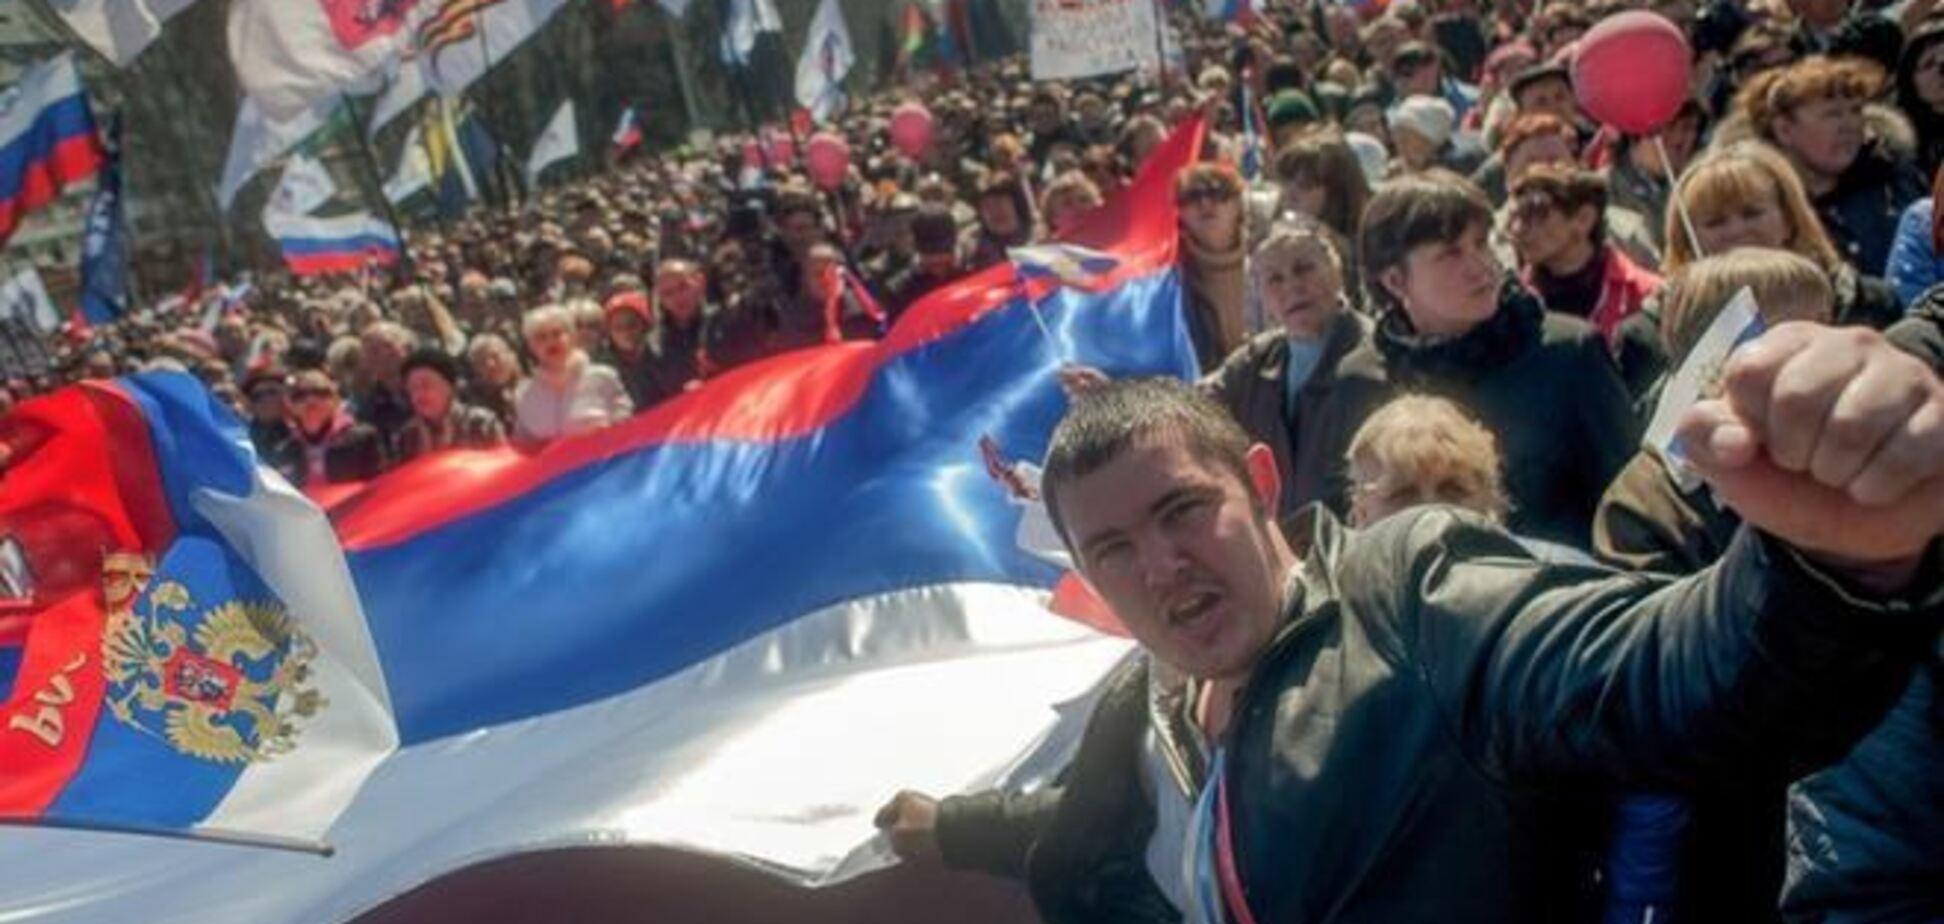 В Луганске сепаратисты выбили случайному прохожему зубы из-за… Турчинова